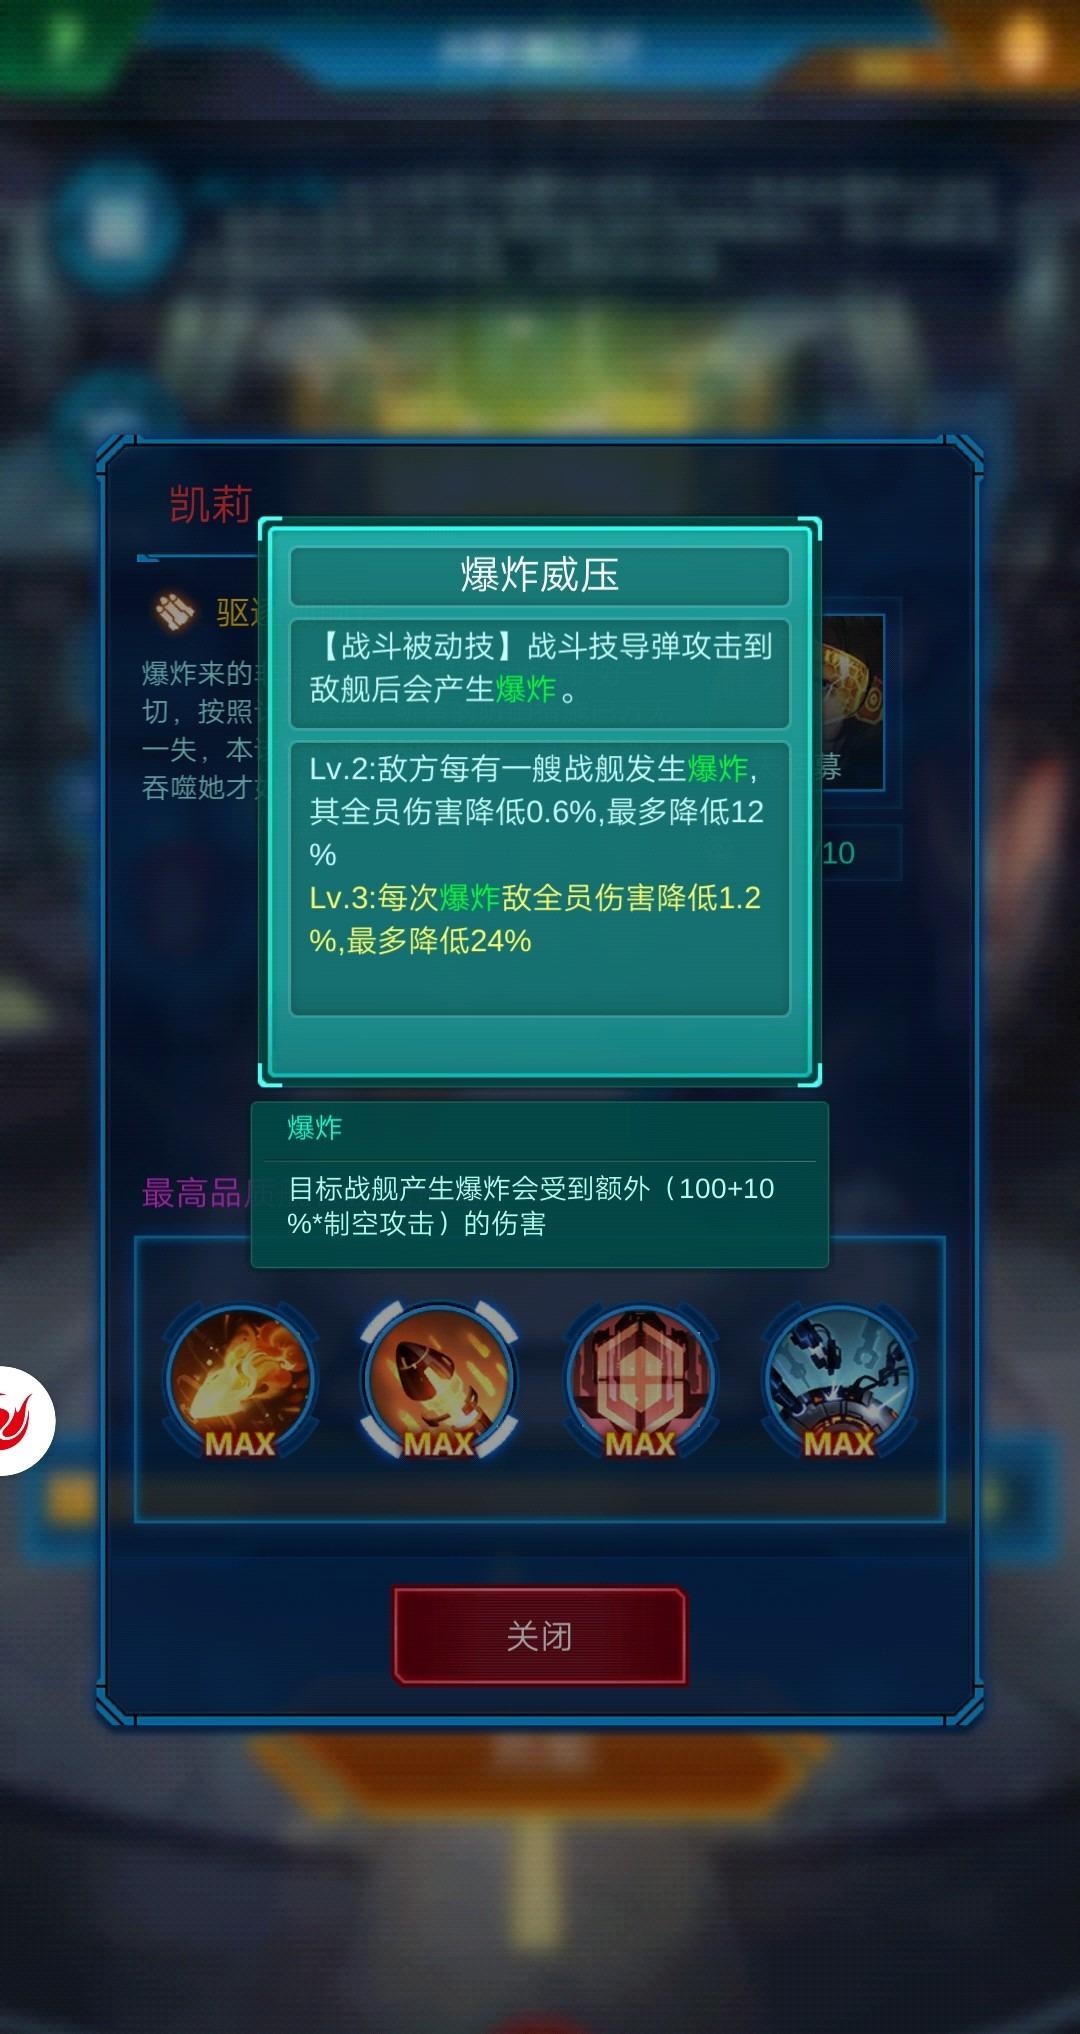 Screenshot_2020_0601_231431.jpg